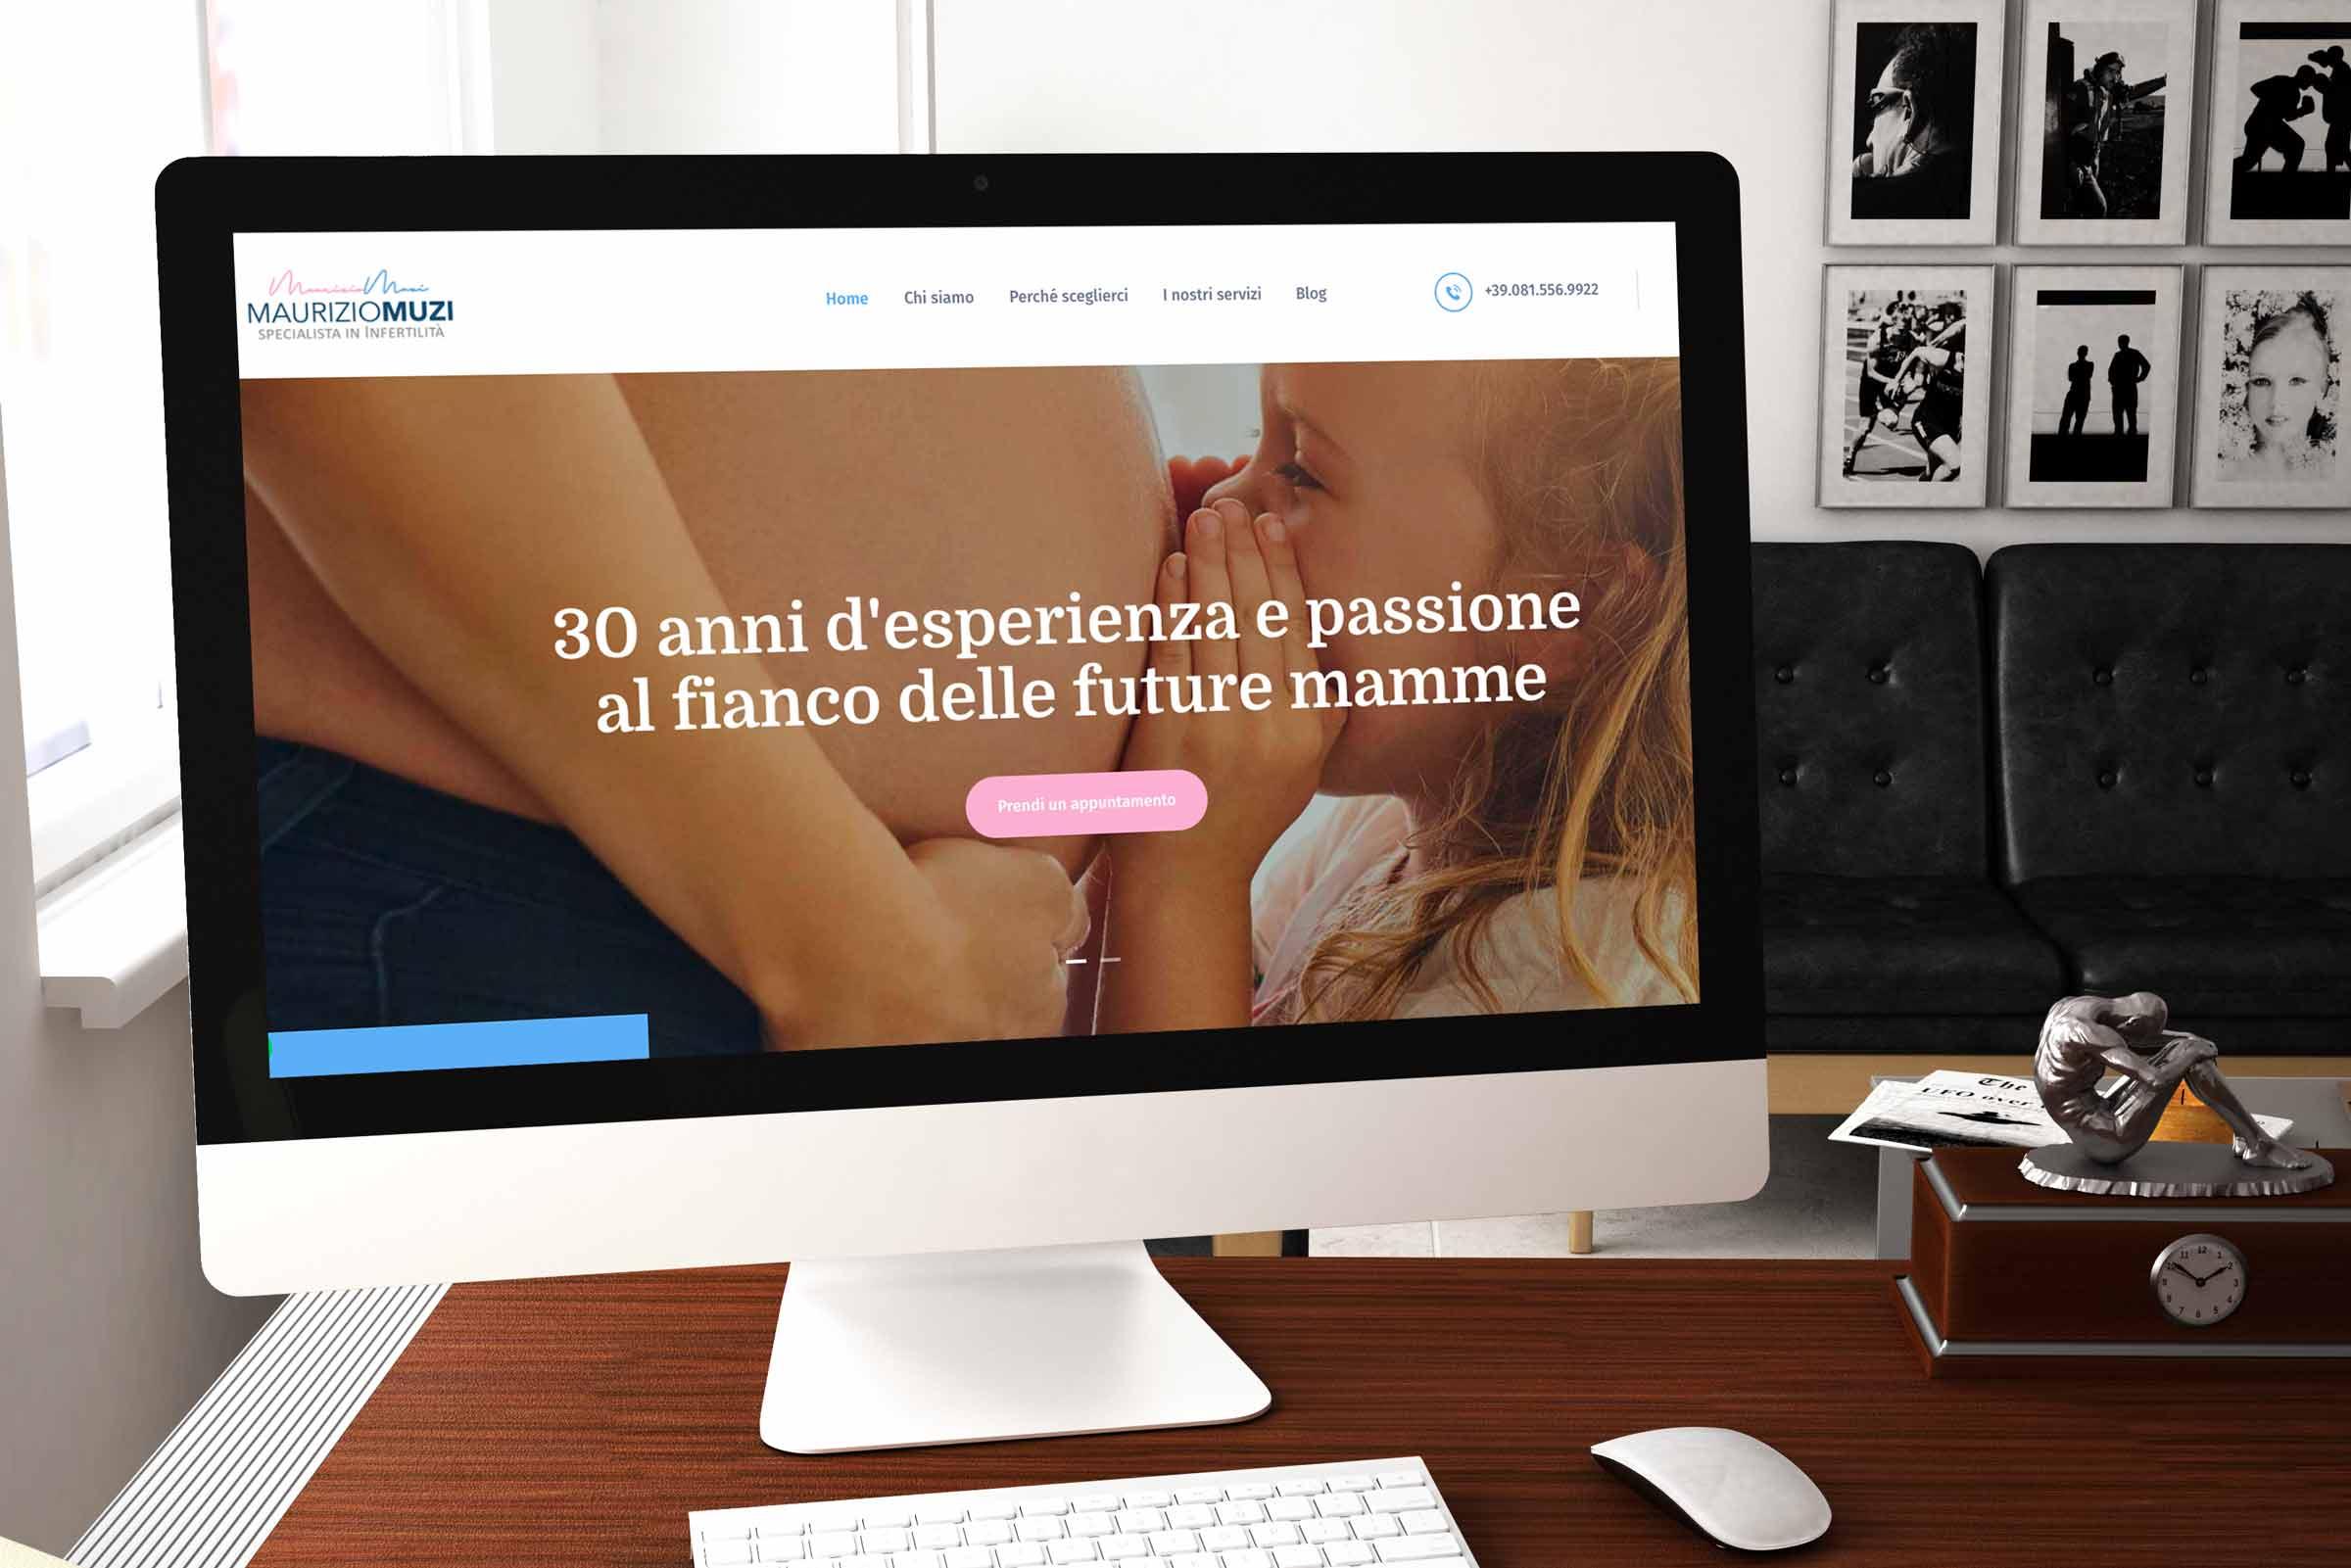 Nuovo sito dello studio per l'infertilità Maurizio Muzi di Napoli